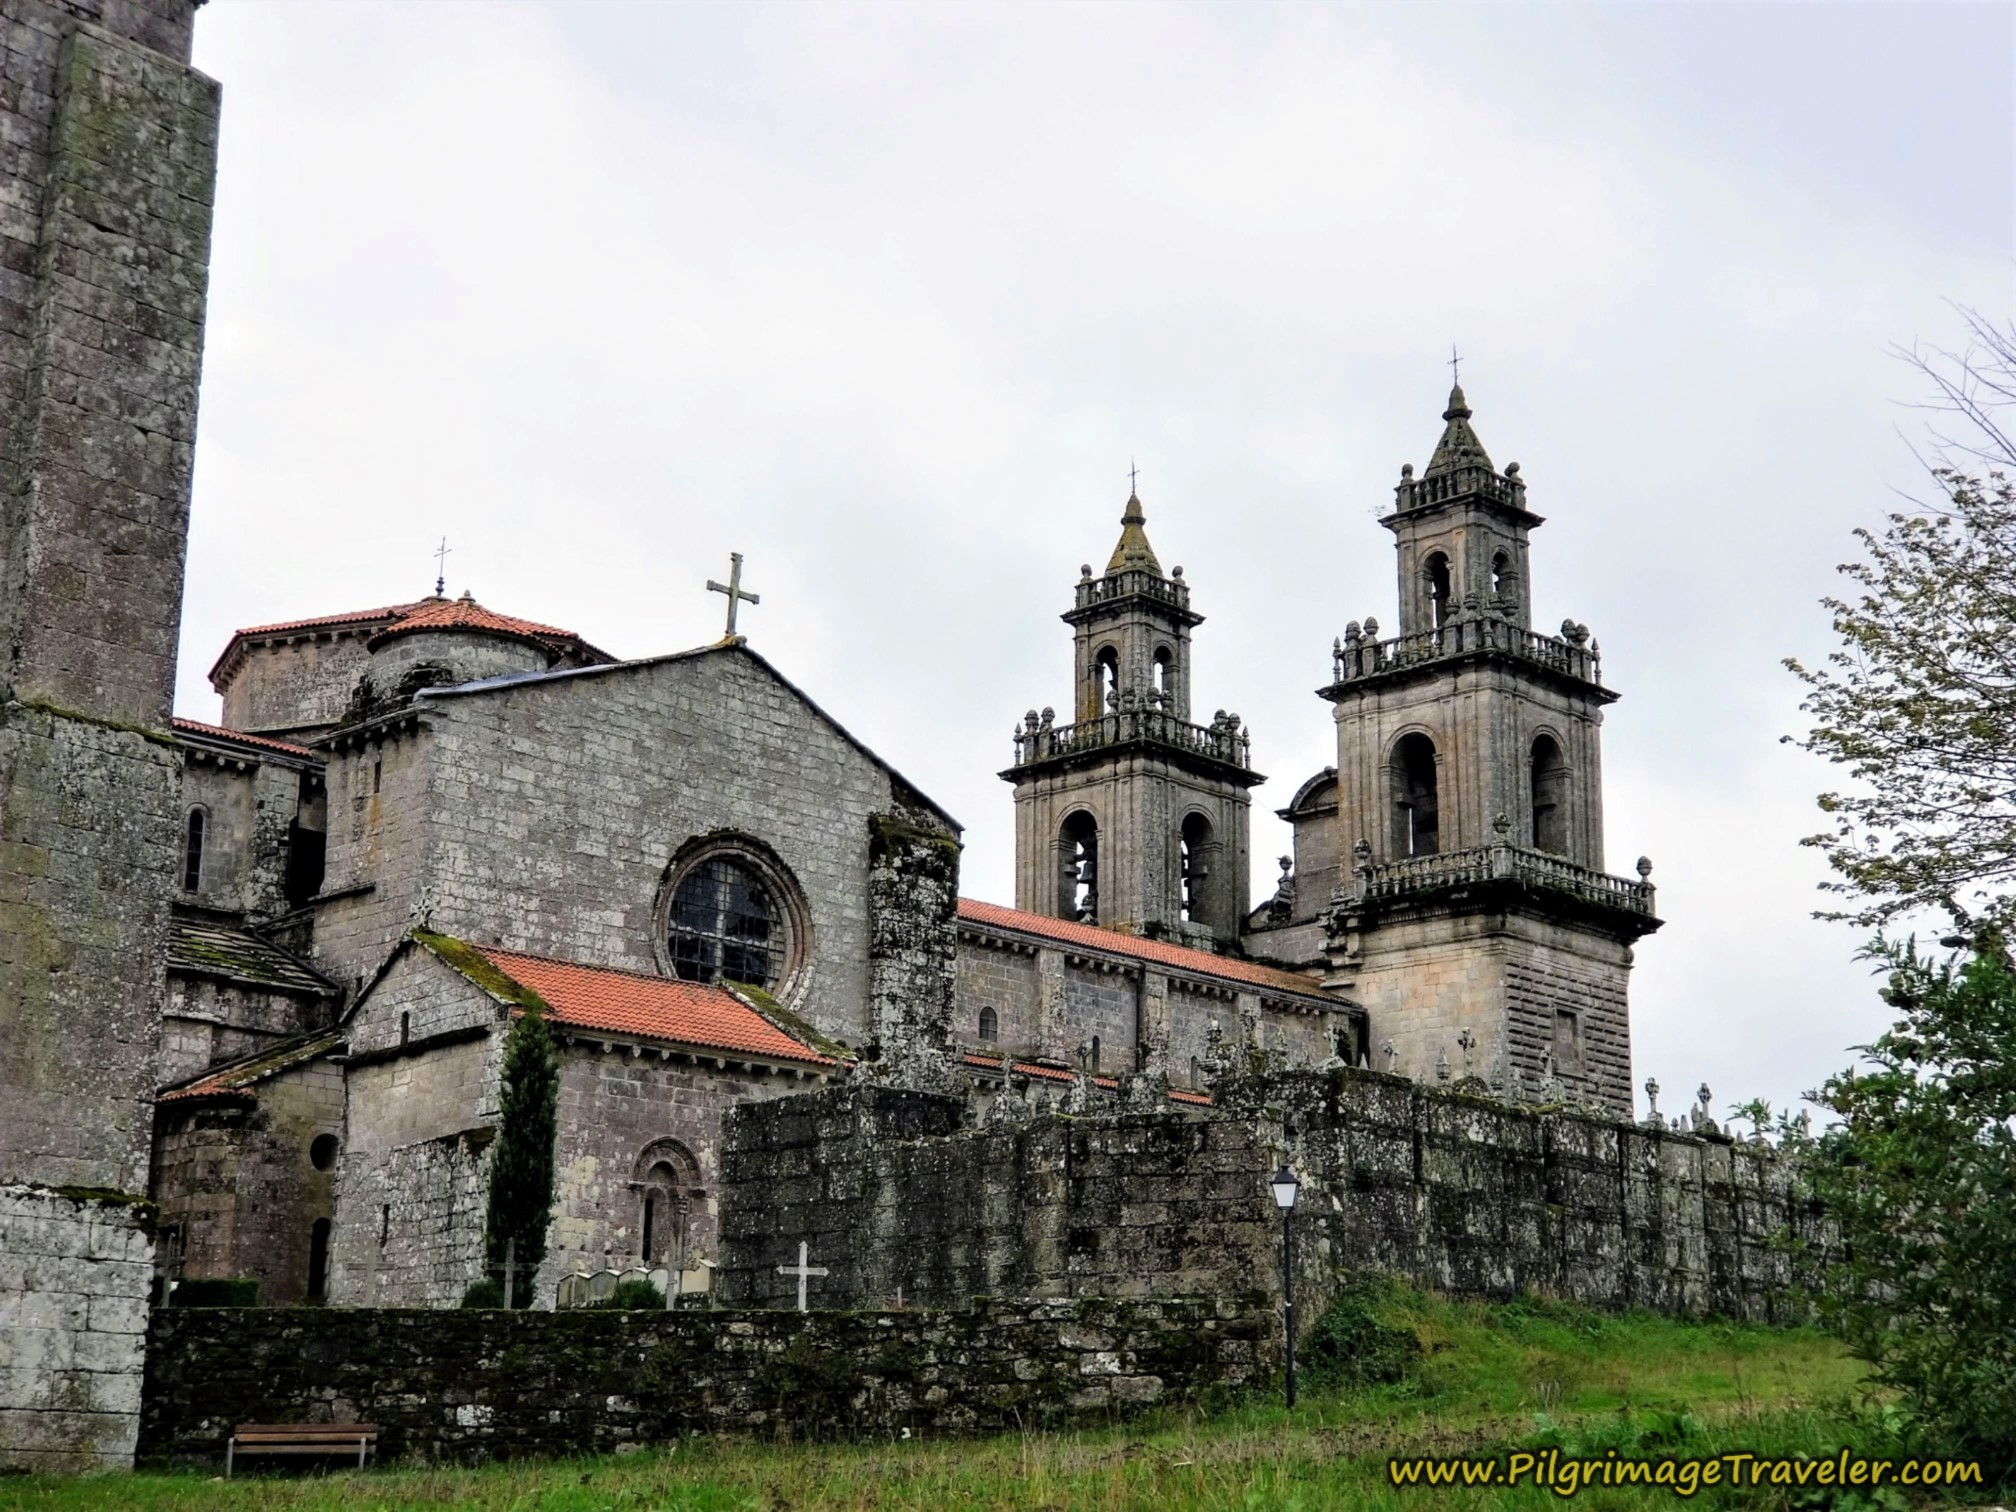 Towers of the Mosteiro de Oseira